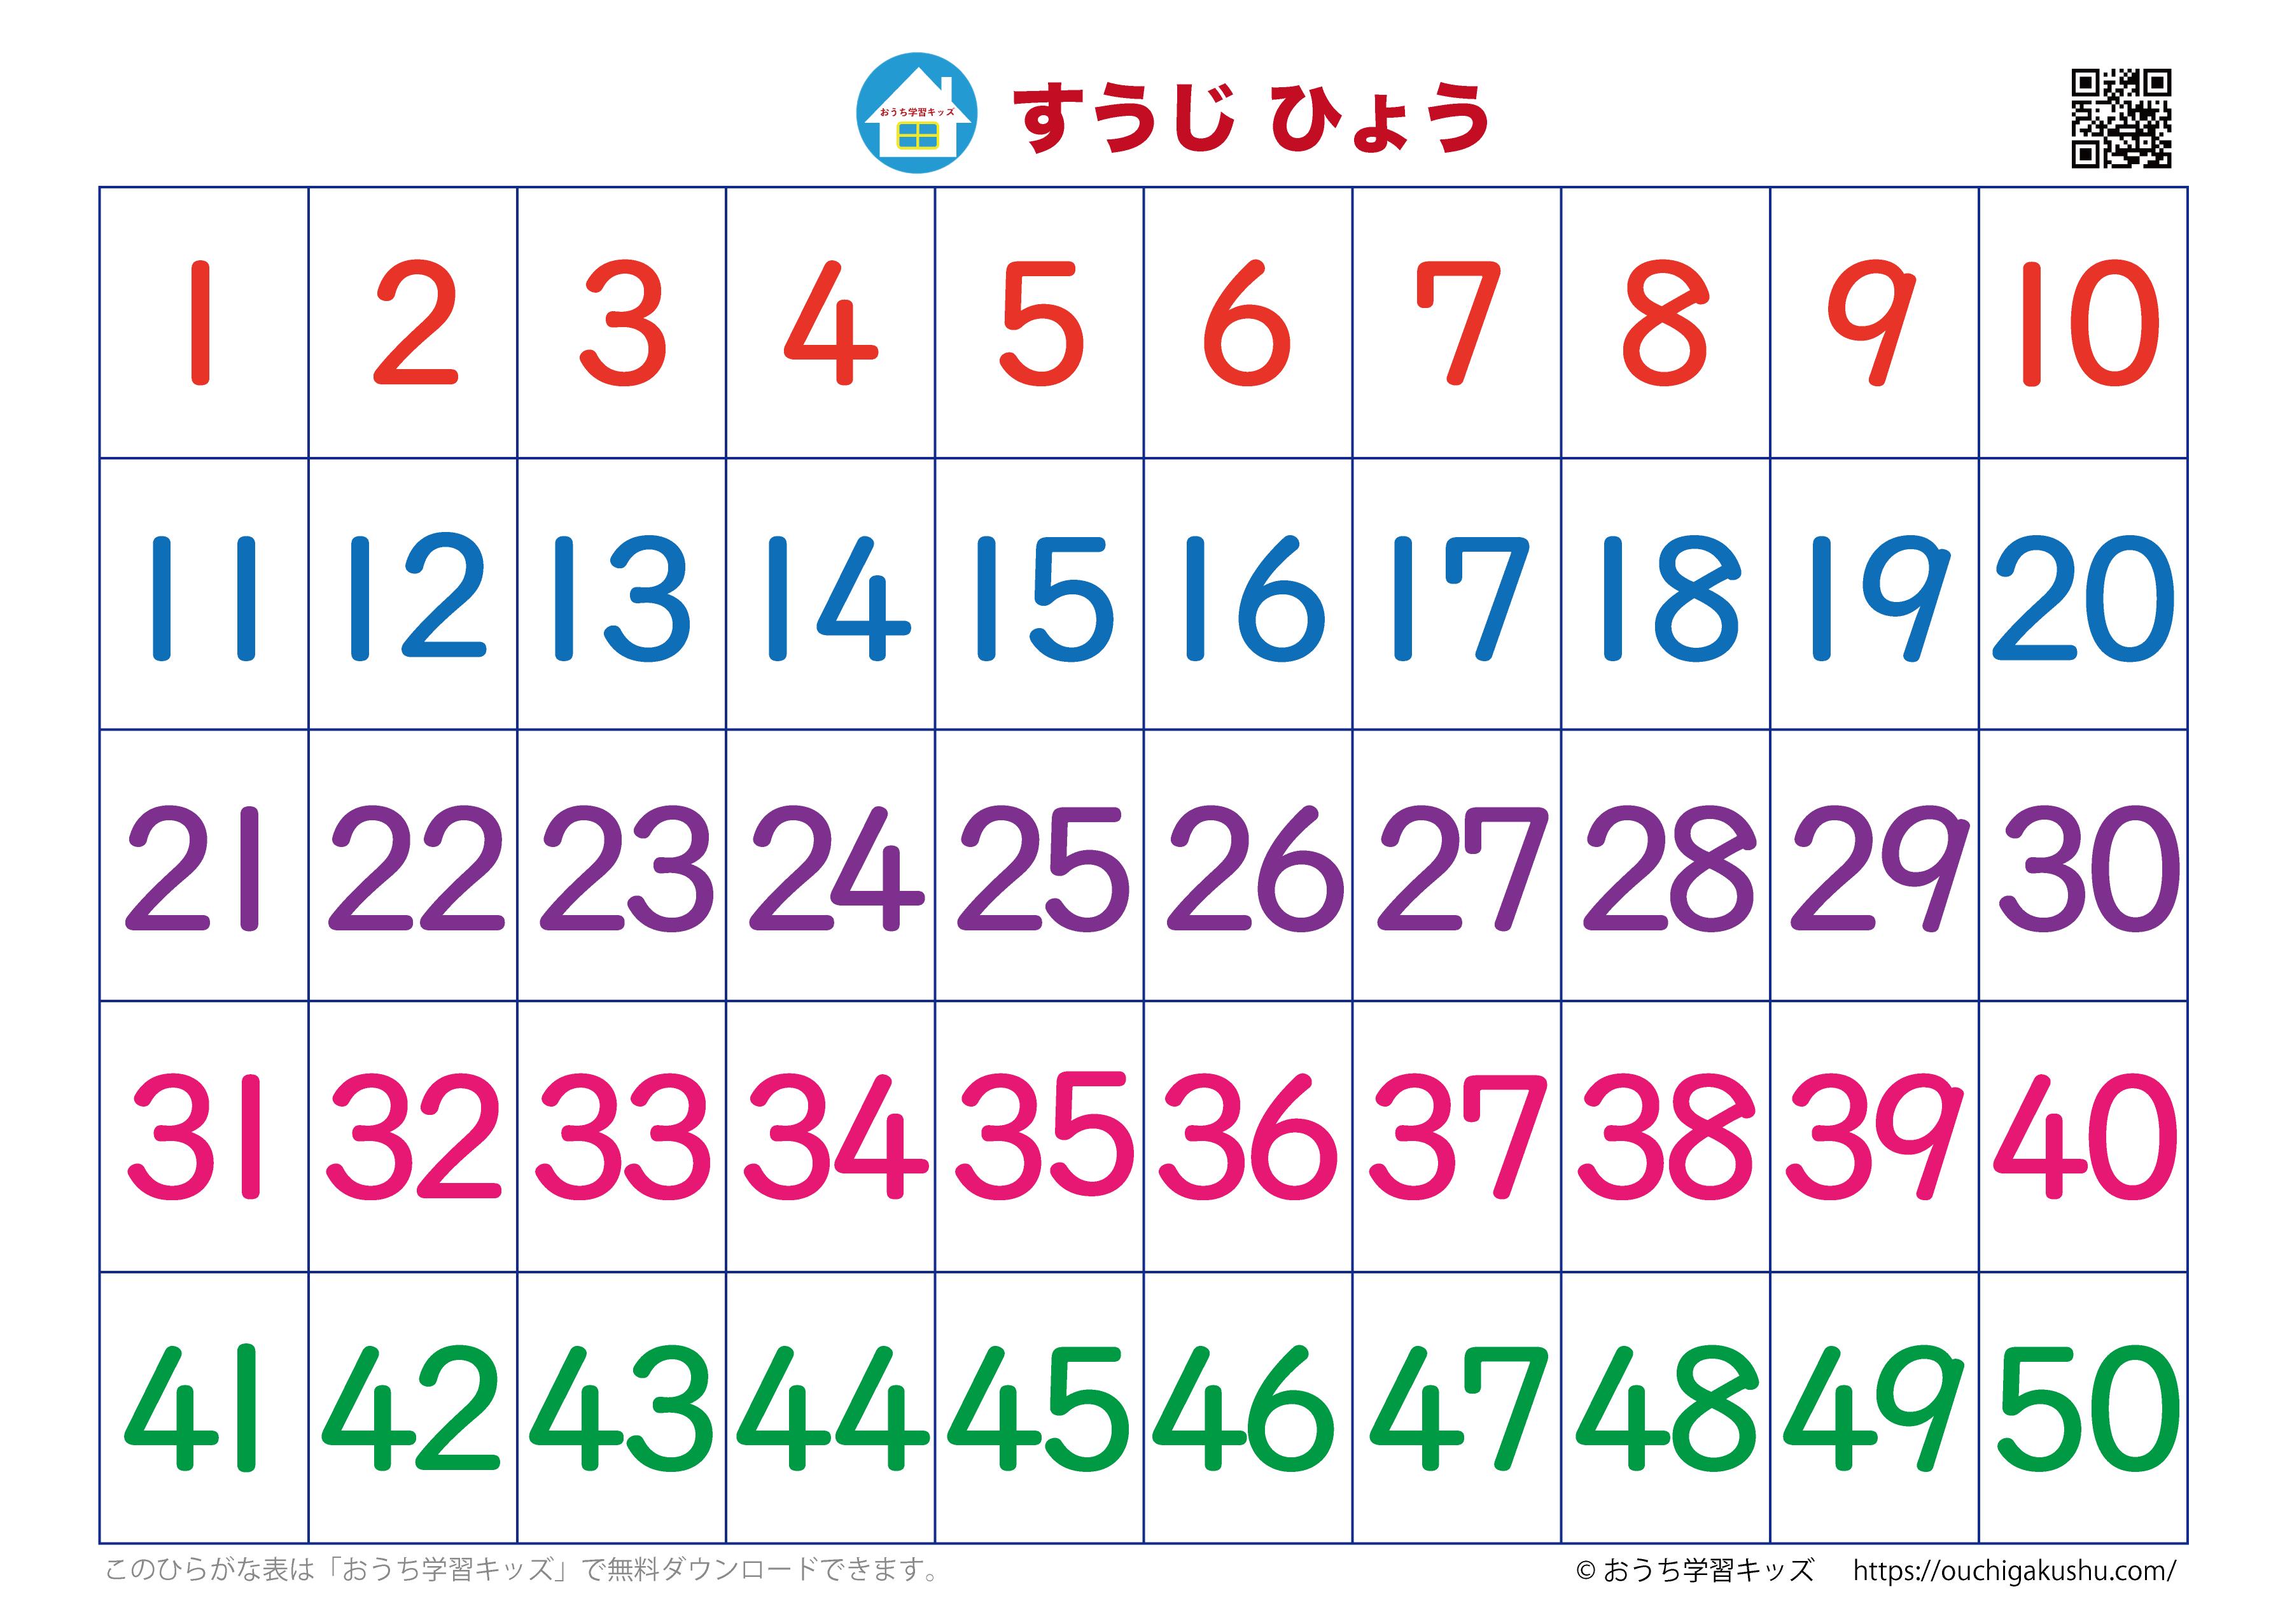 数字表・ポスター:1から50まで(数のみ)